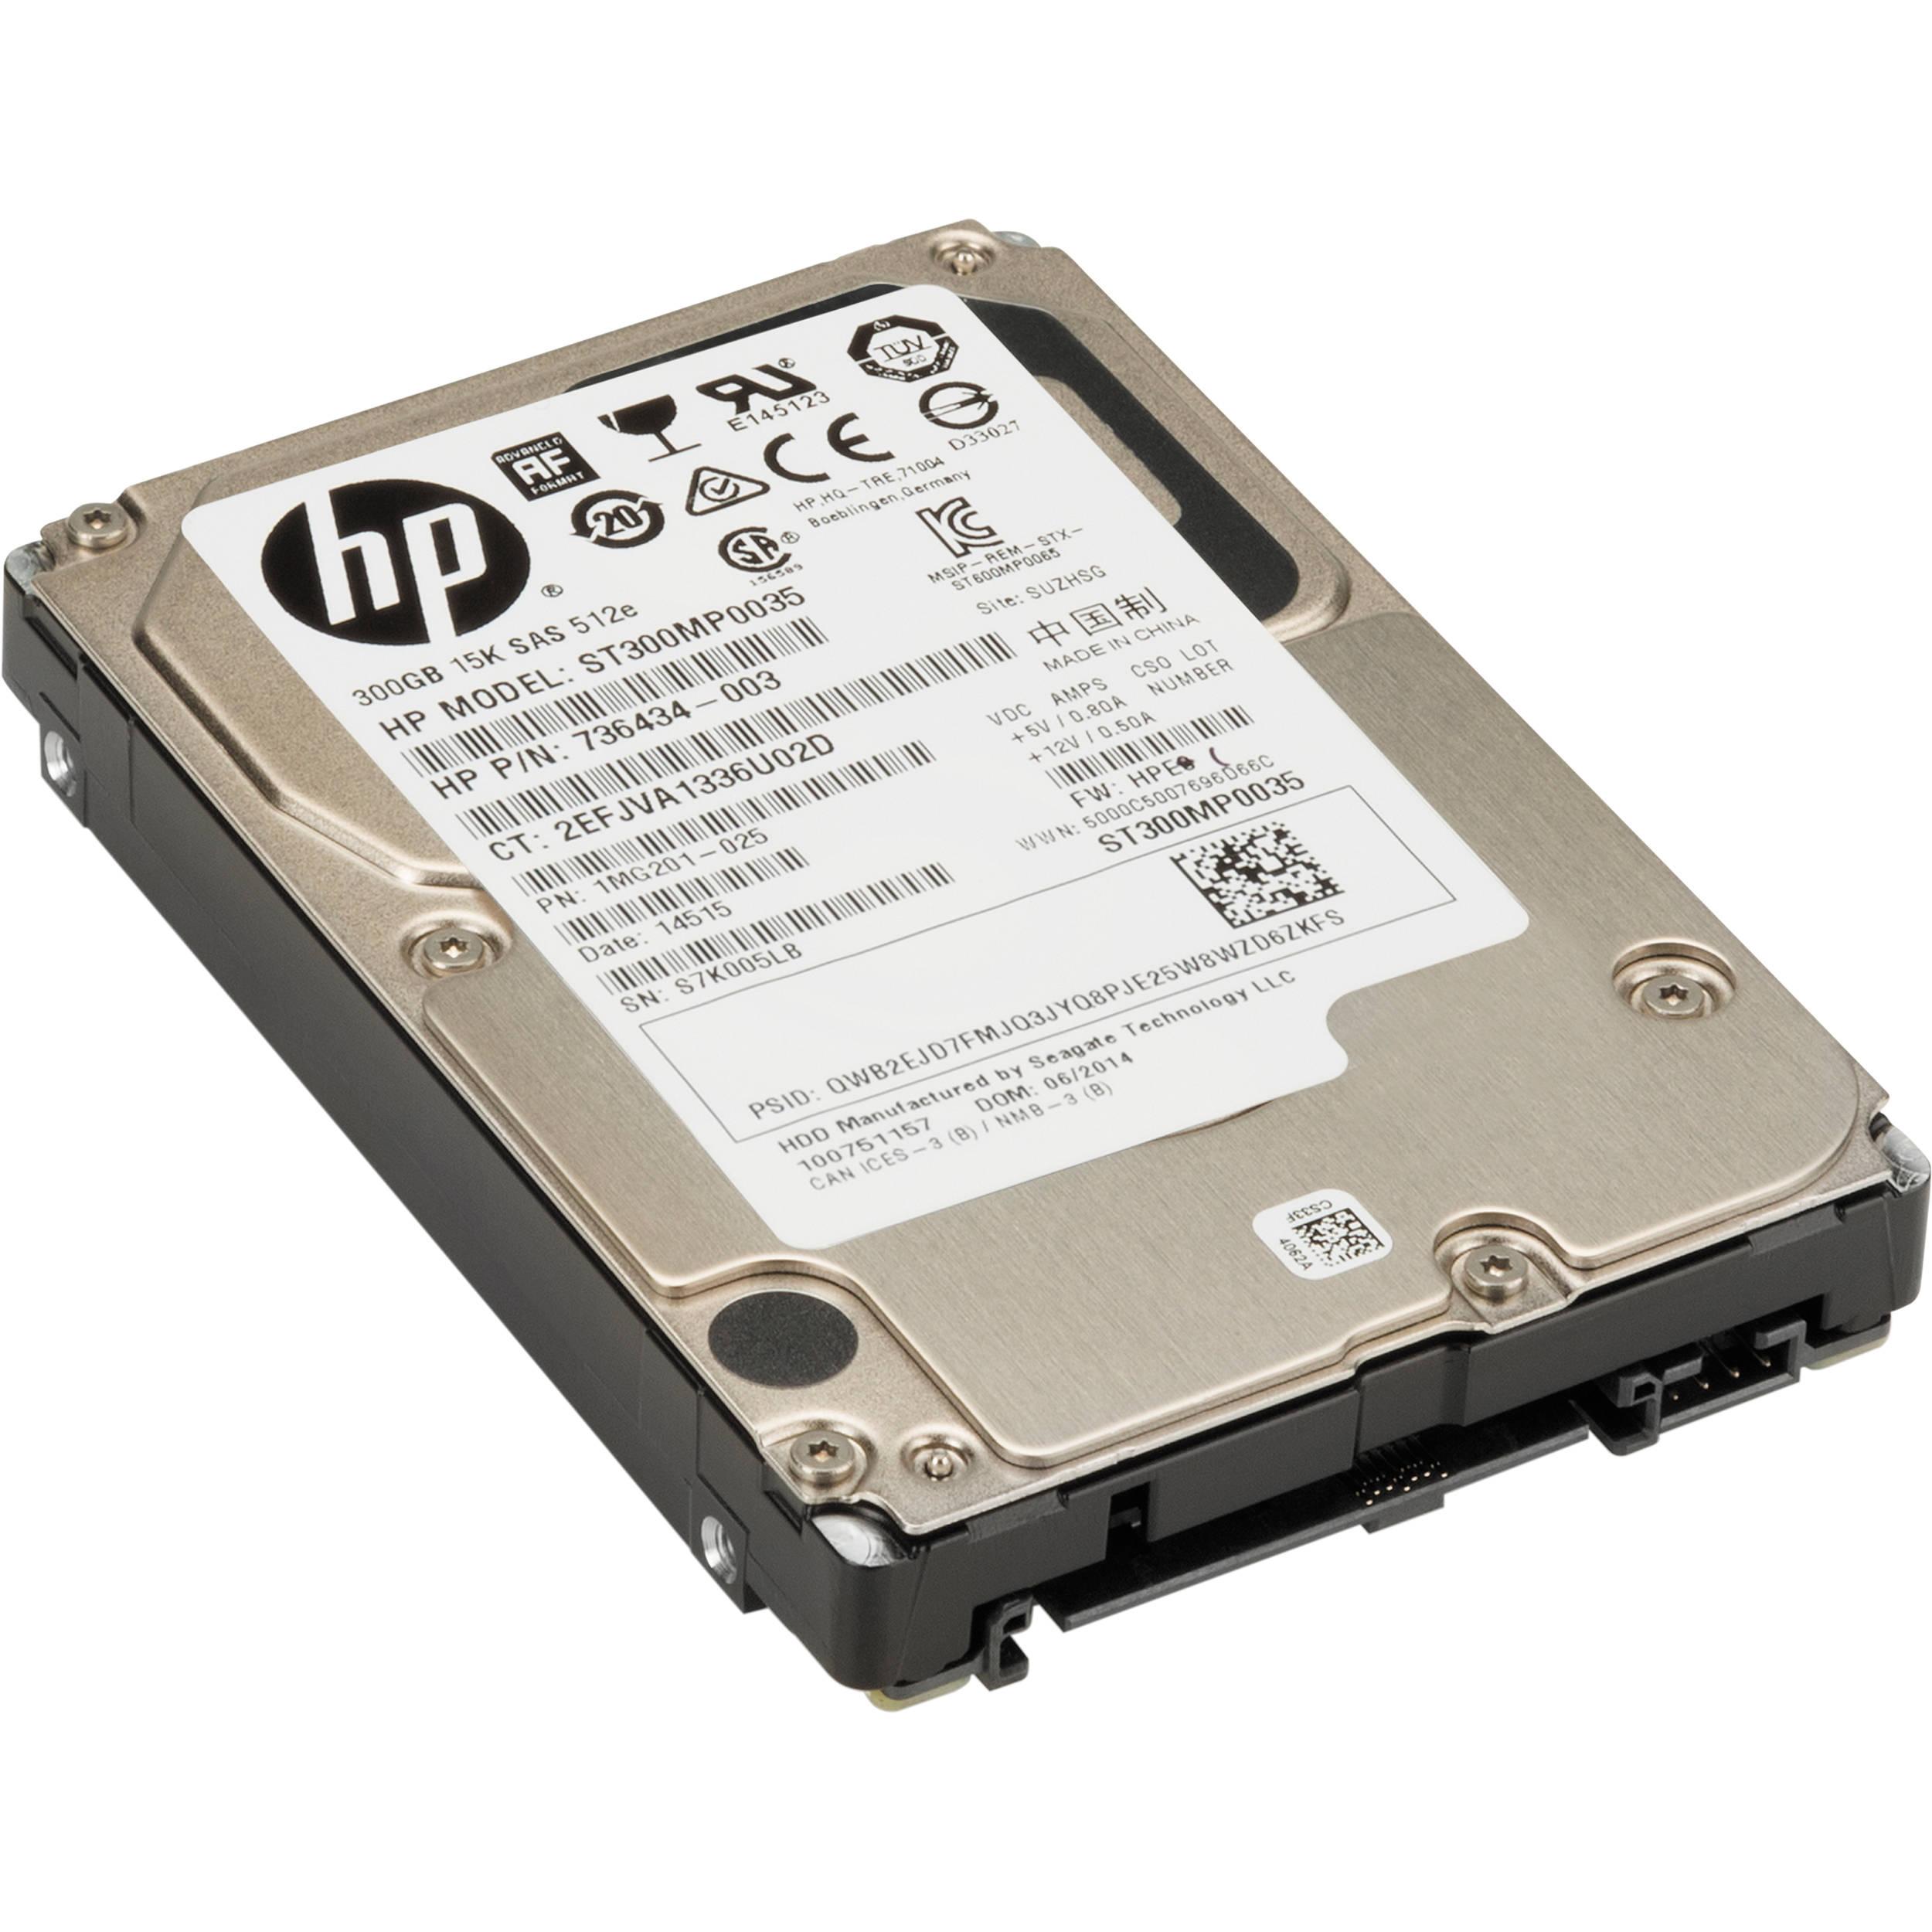 HP 300GB SAS 15K Small Form Factor Hard Drive L5B74AA B&H Photo